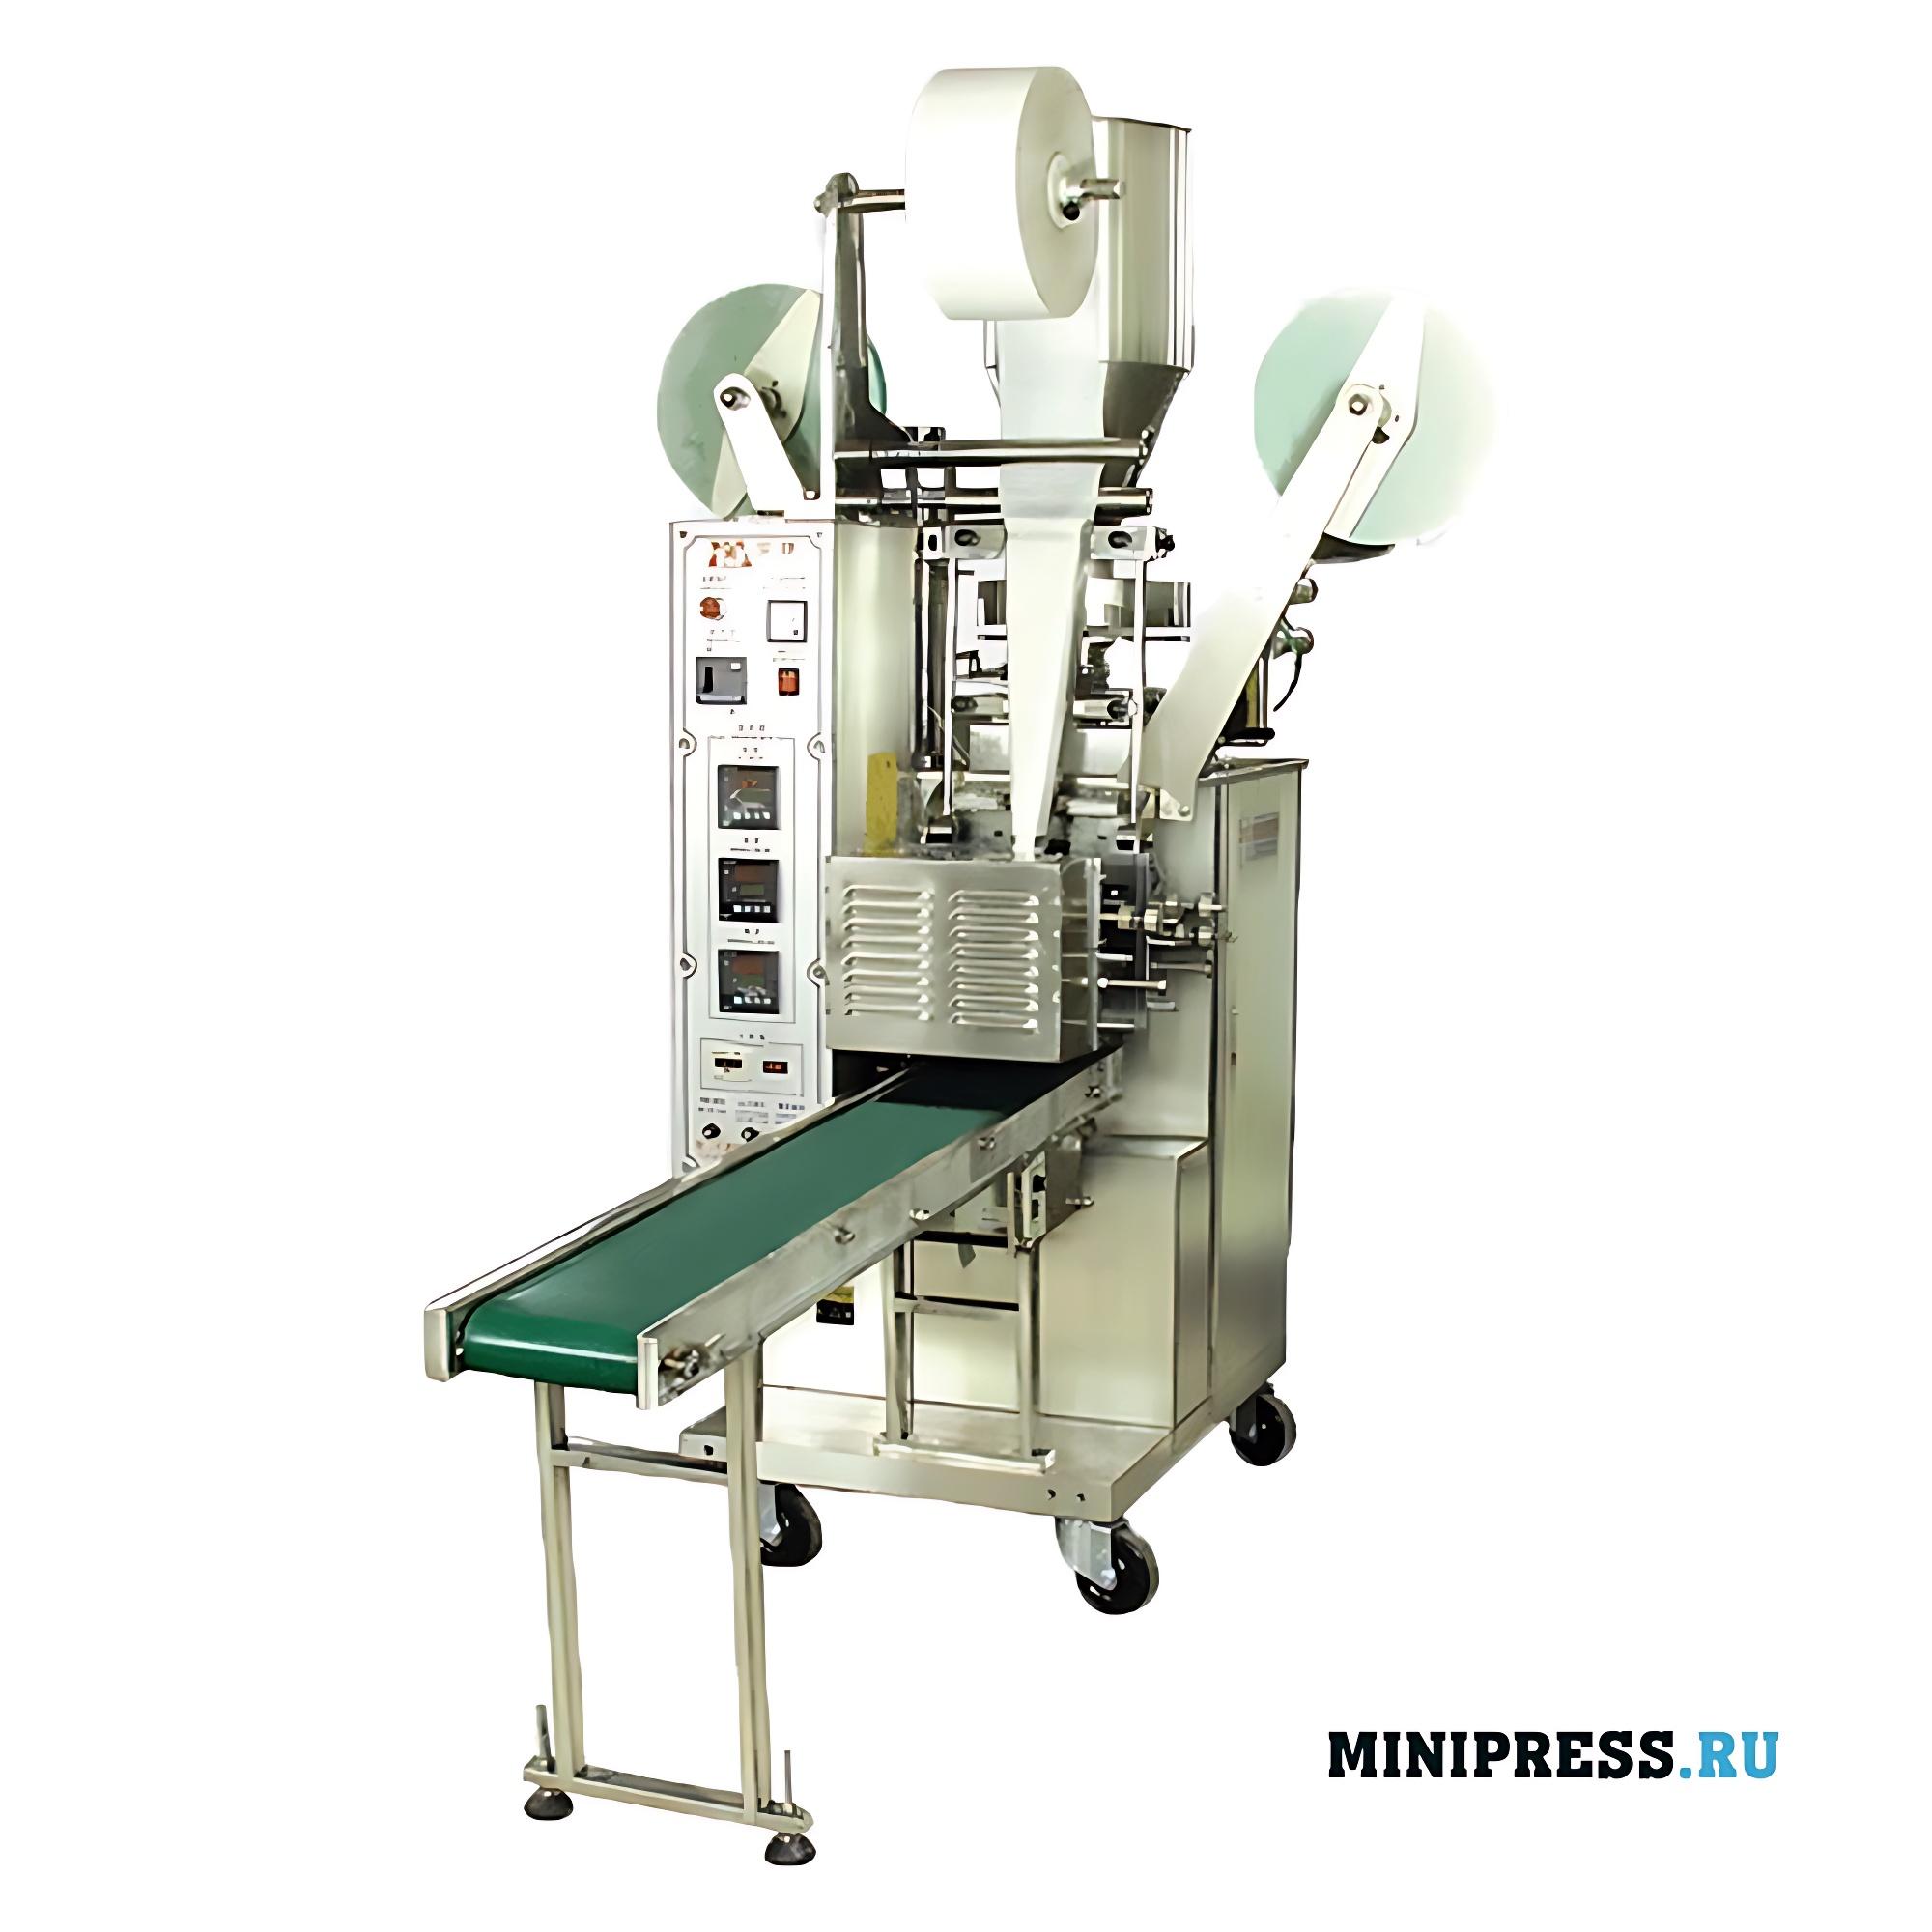 Автоматическое оборудование для упаковки чайных пакетиков с ярлыком